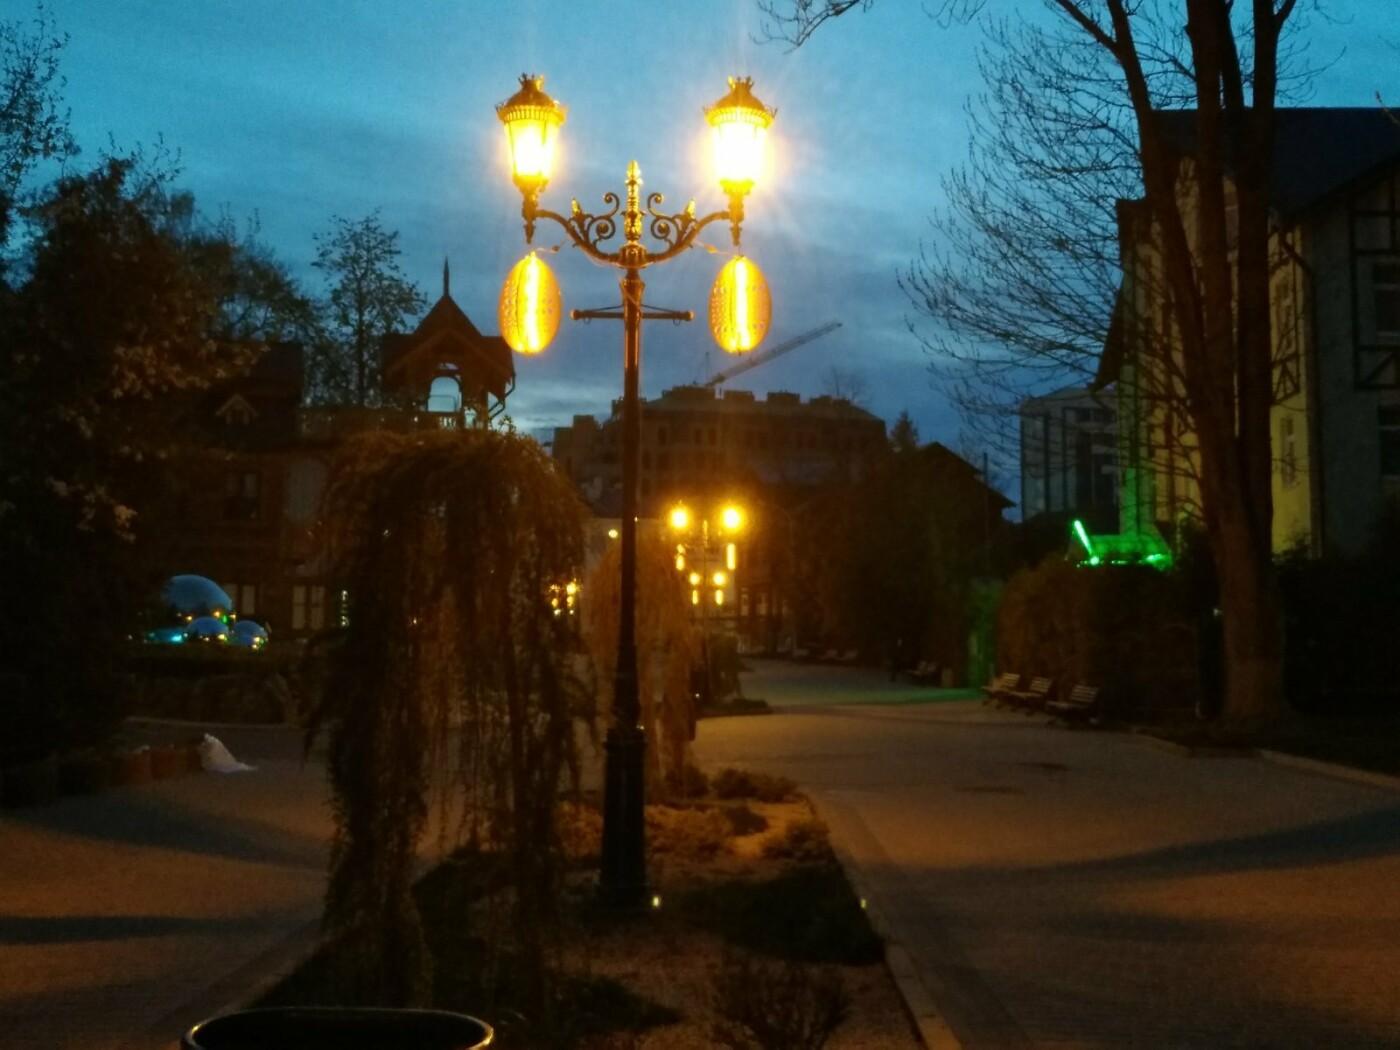 Дивовижний Трускавець: вечірній фотоогляд центральної частини міста-курорту, фото-12, Фото - 03247.com.ua